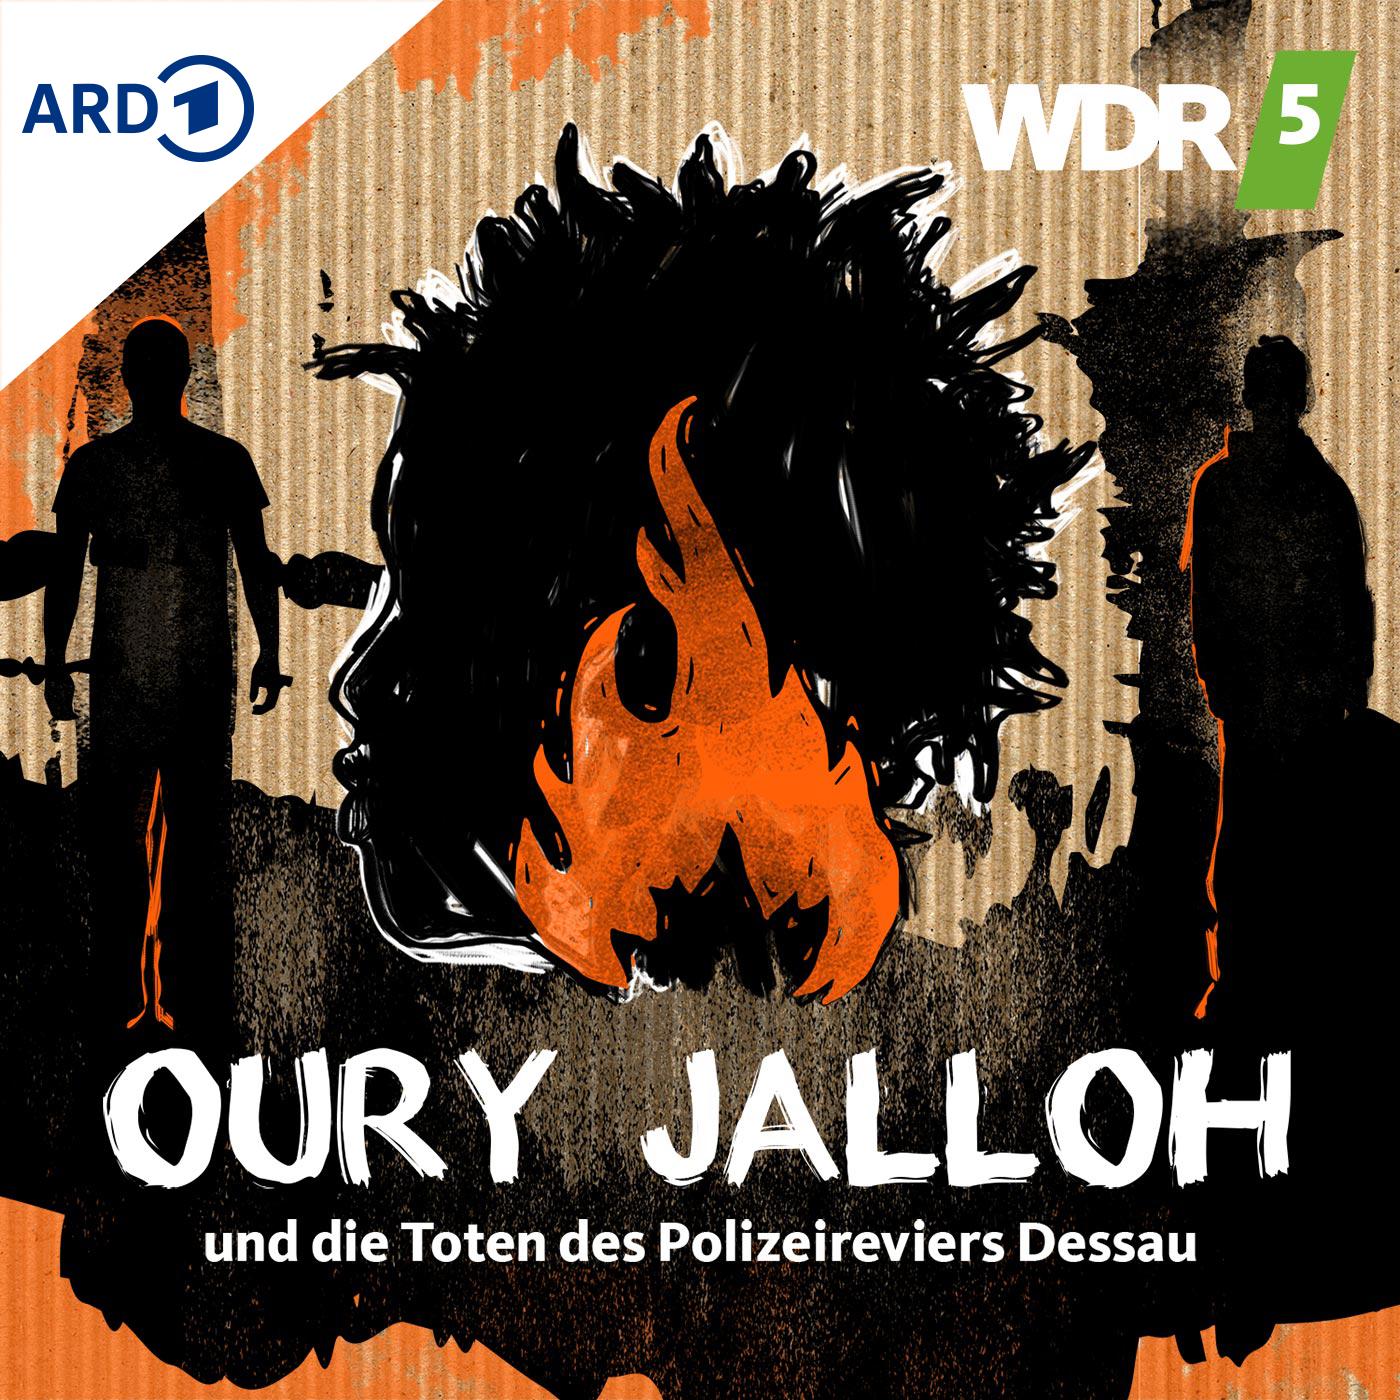 Oury Jalloh (1/5) - Die Leiche ist schuld